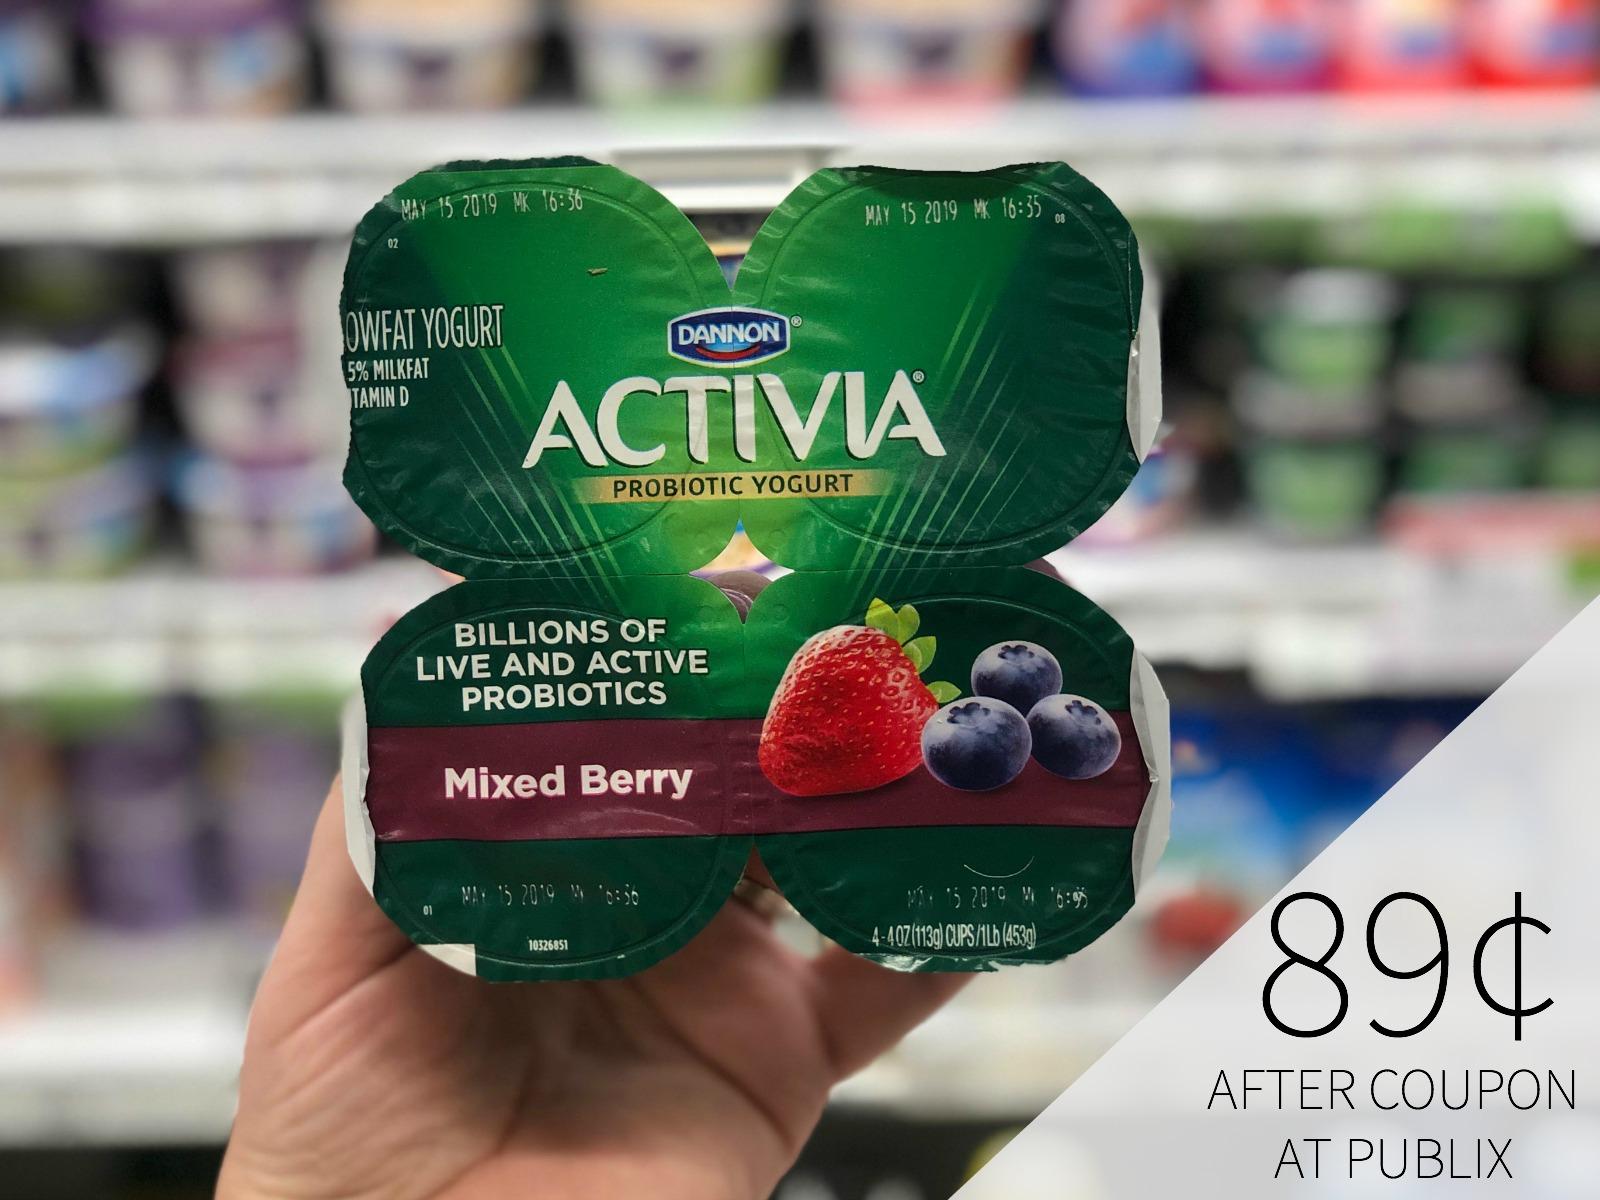 Dannon Activia Yogurt Only 89¢ At Publix